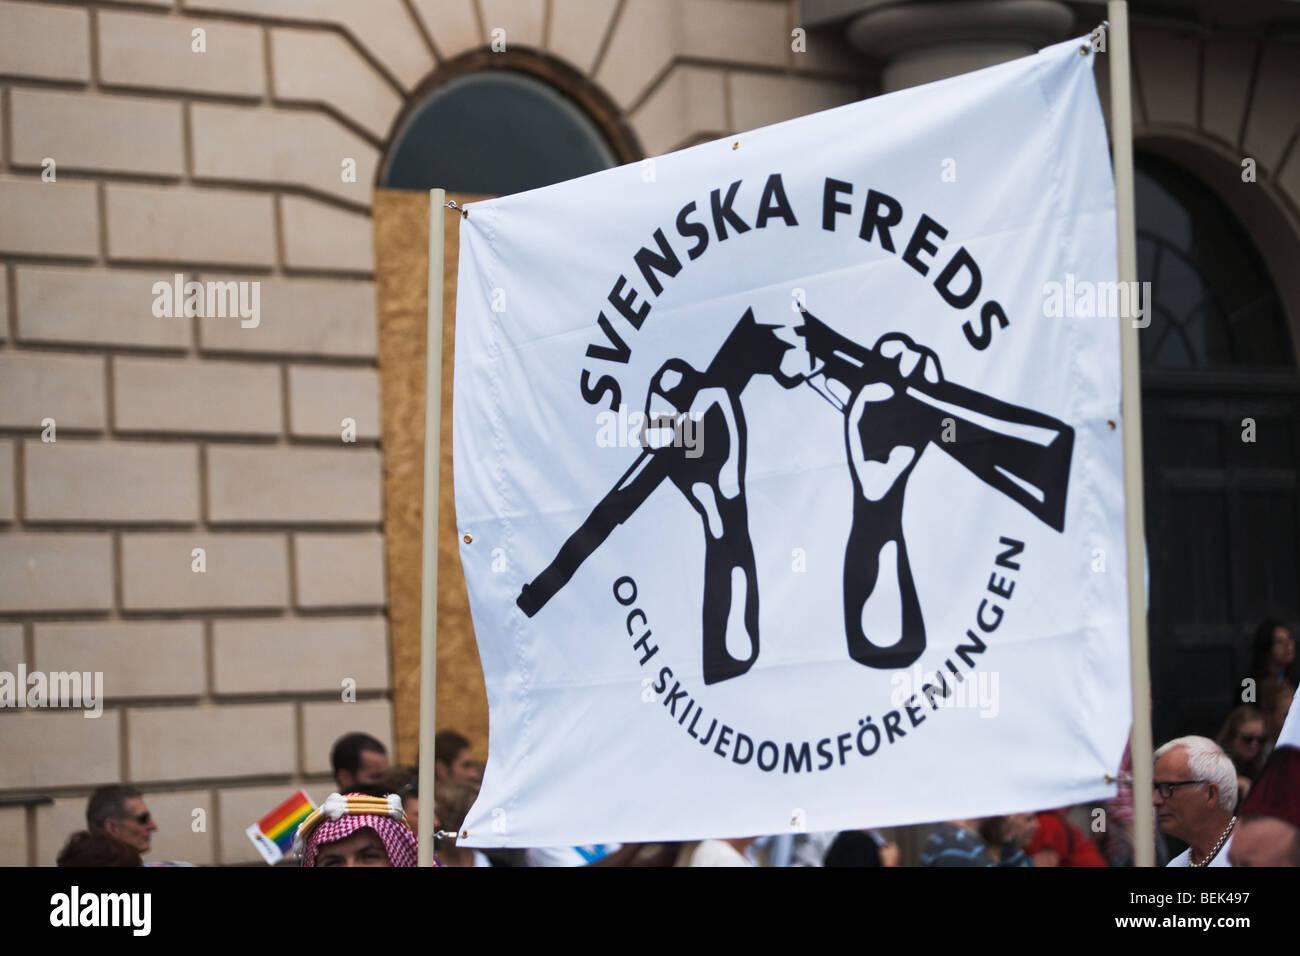 Svenska Freds och Skiljedomsföreningen, movimiento pacifista sueco marchando en el desfile del orgullo gay Imagen De Stock